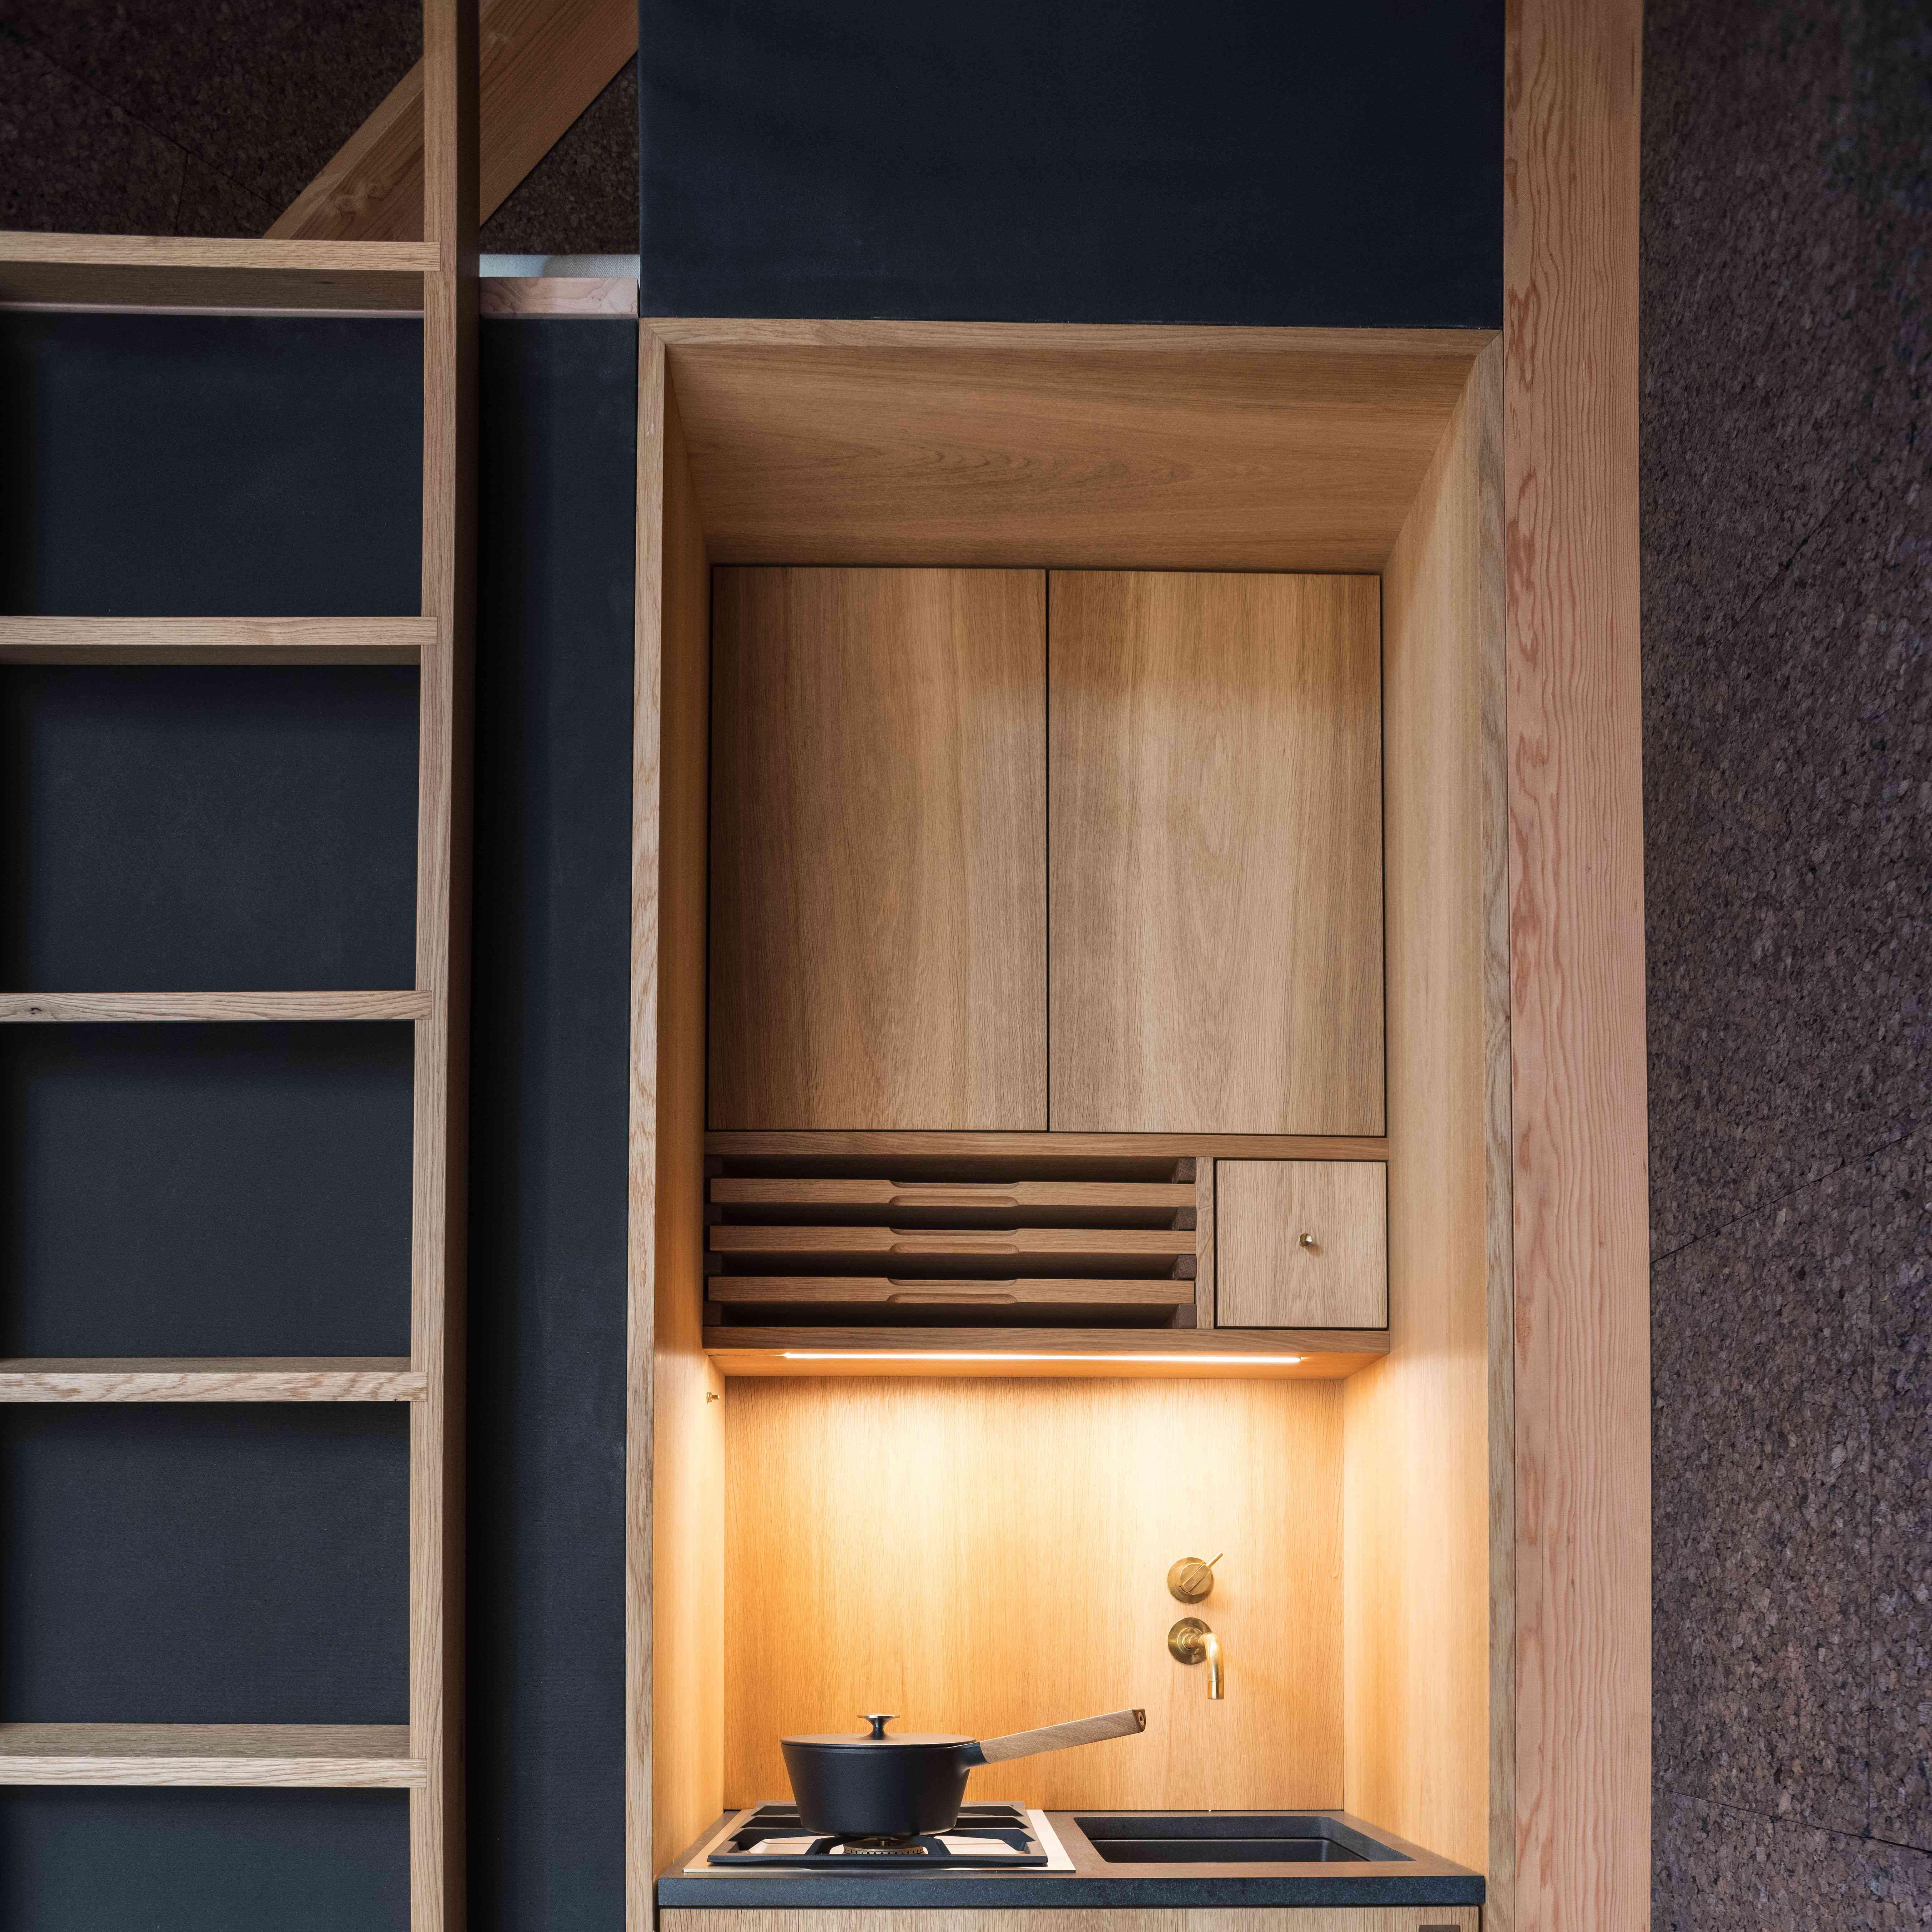 midcentury modern minimalist tiny home kitchen